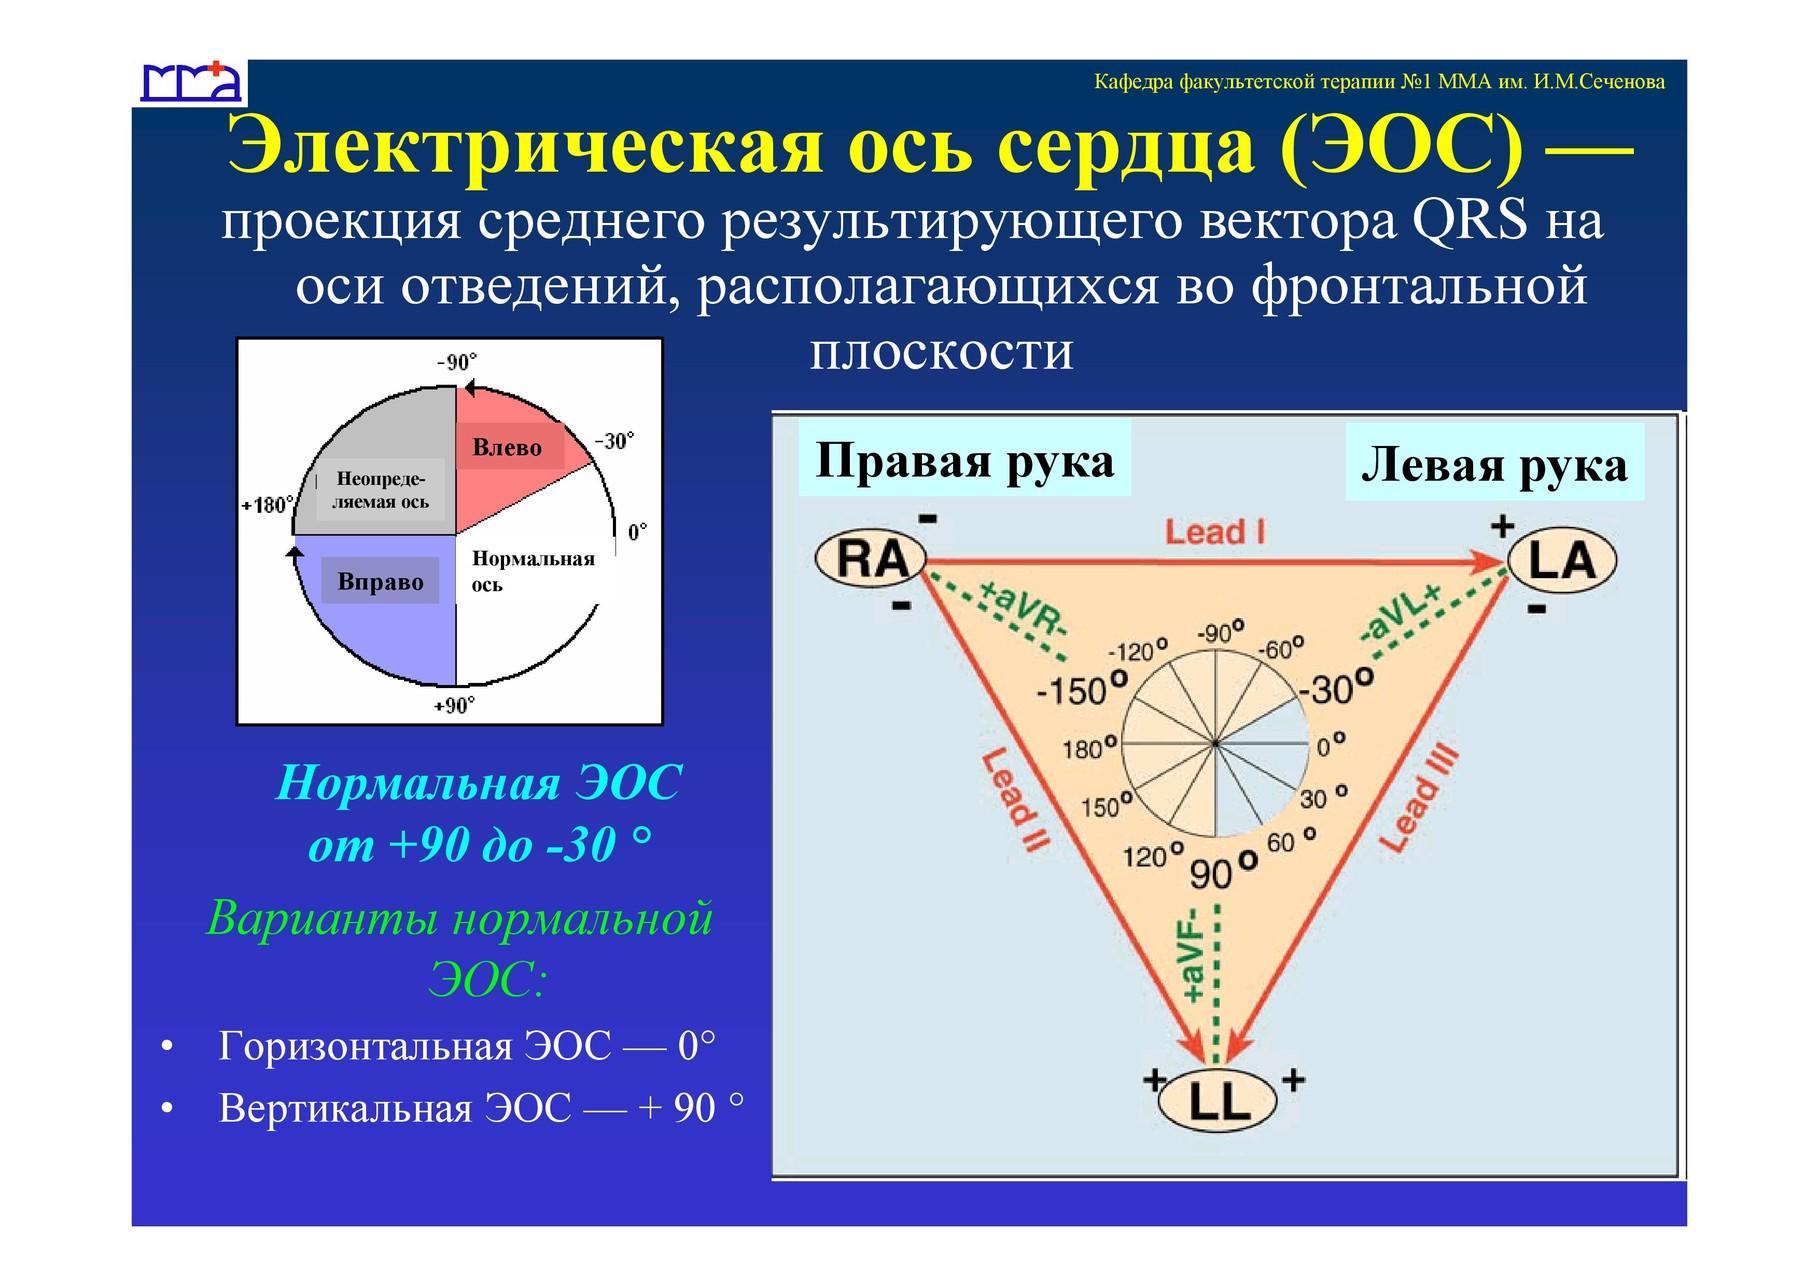 Картинка для определения эос